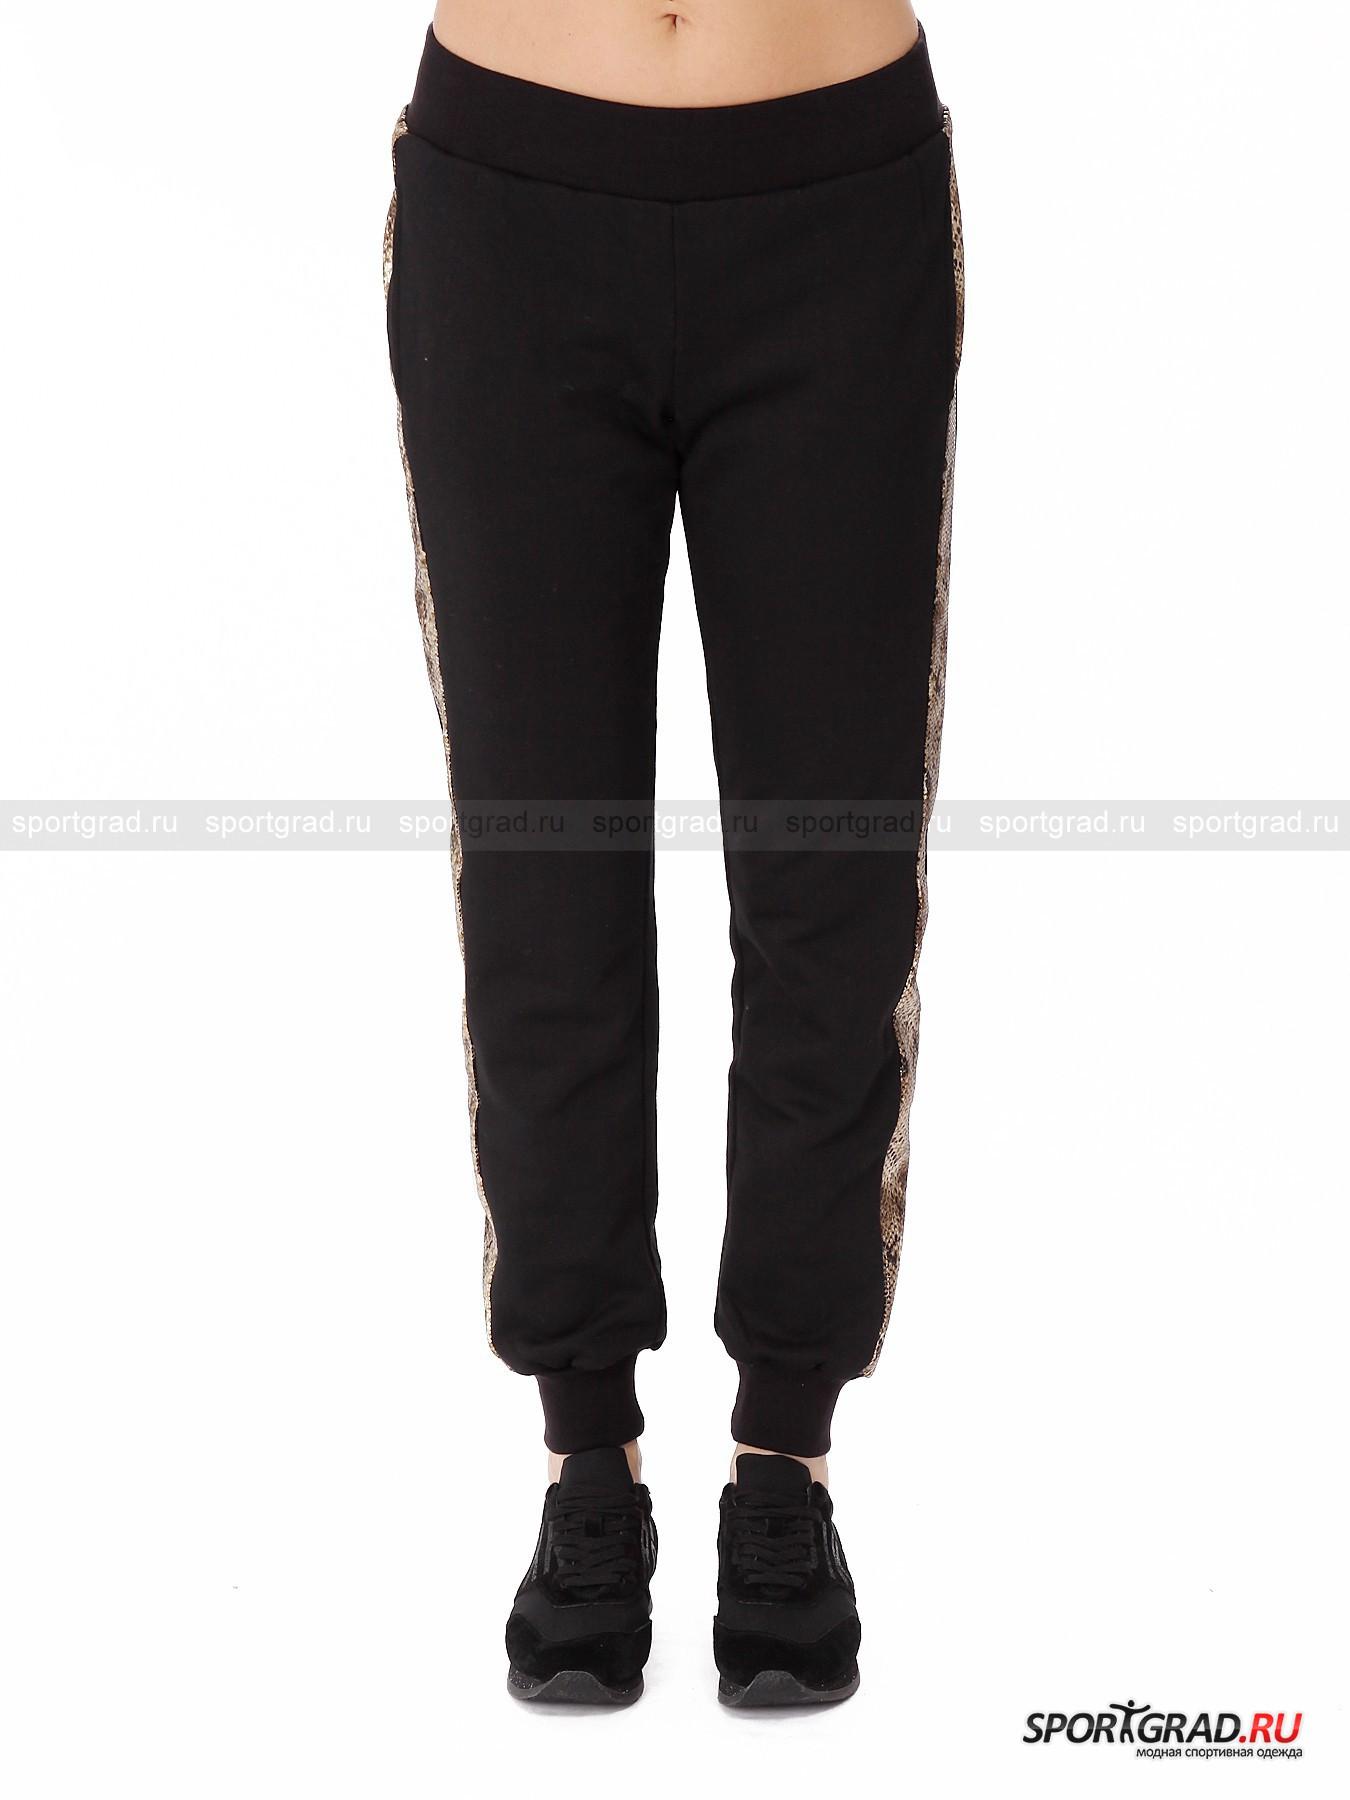 Брюки женские Pants DEHAБрюки<br>Одежда от итальянского бренда Deha представляет собой умелый микс комфорта, женственности и интересных деталей, которые делают обычные на первый взгляд вещи броскими и эффектными. В  исполнении Deha черные брюки в спортивном стиле вполне могут превратиться в наряд для вечеринки.<br><br>Представленная на этой странице модель Pants Deha именно такая. Брюки легко надеваются и очень удобно сидят, так как не имеют застежек, а держатся за счет эластичного пояса и трикотажных манжет внизу штанин. Эта вещь выглядела бы довольно скромно и буднично, если бы не золотистые лампасы по бокам с принтом, имитирующим окрас кожи рептилии. Все полотно покрыто небольшими пайетками, которые сияют и переливаются. Штаны также снабжены четырьмя карманами, один из которых украшен выложенной стразами надписью Deha. Внутри «петельчатая» подкладка.<br><br>Пол: Женский<br>Возраст: Взрослый<br>Тип: Брюки<br>Рекомендации по уходу: стирка в теплой воде до 30 С; не отбеливать; гладить слегка нагретым утюгом (температура до 110 C); только сухая чистка; нельзя выжимать и сушить в стиральной машине<br>Состав: основной материал 55% хлопок, 45% полиэстер; детали 65% полиэстер, 35% хлопок